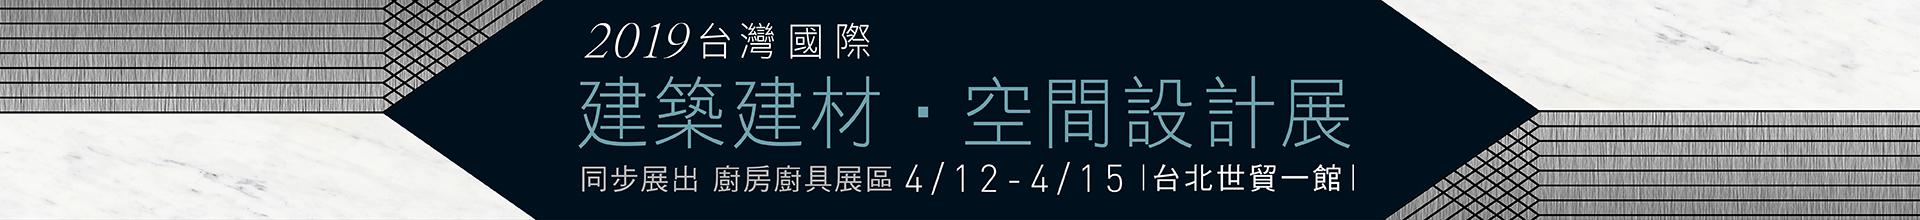 台灣國際建築建材·空間設計展